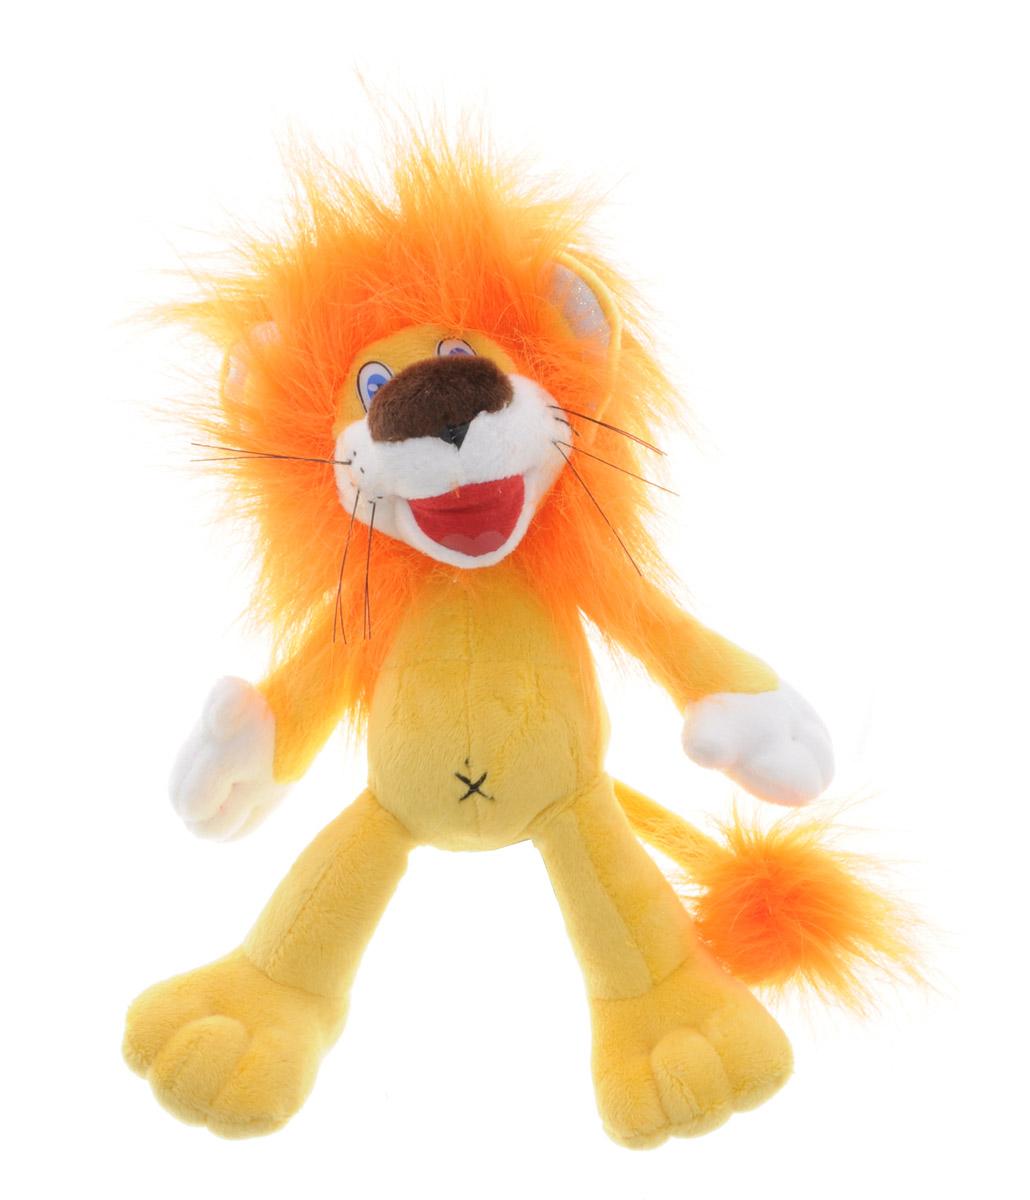 игрушка львенок картинки нашем кафе